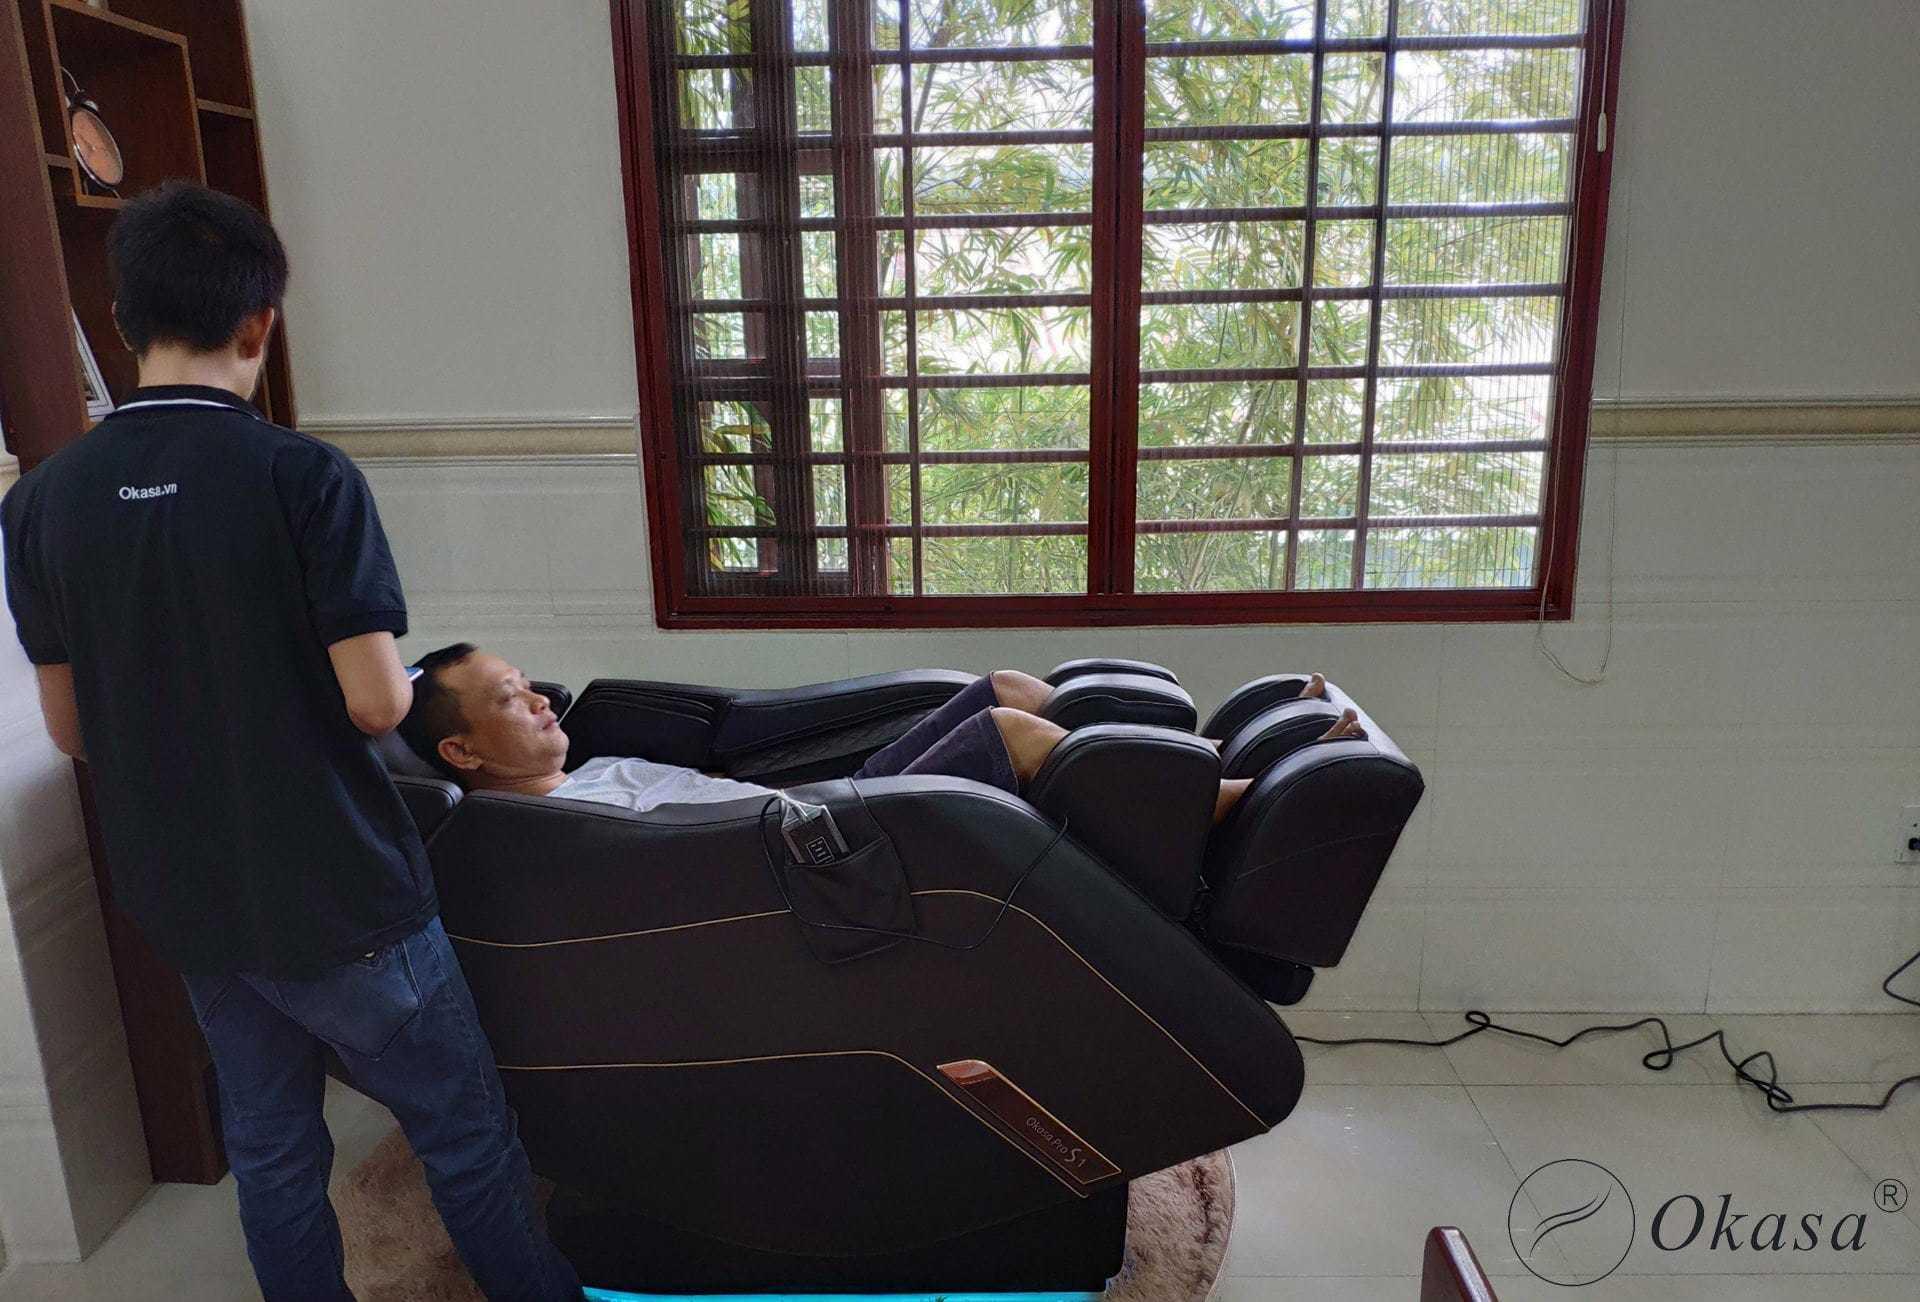 Hướng dẫn tự bạn cách tự massage giảm stress